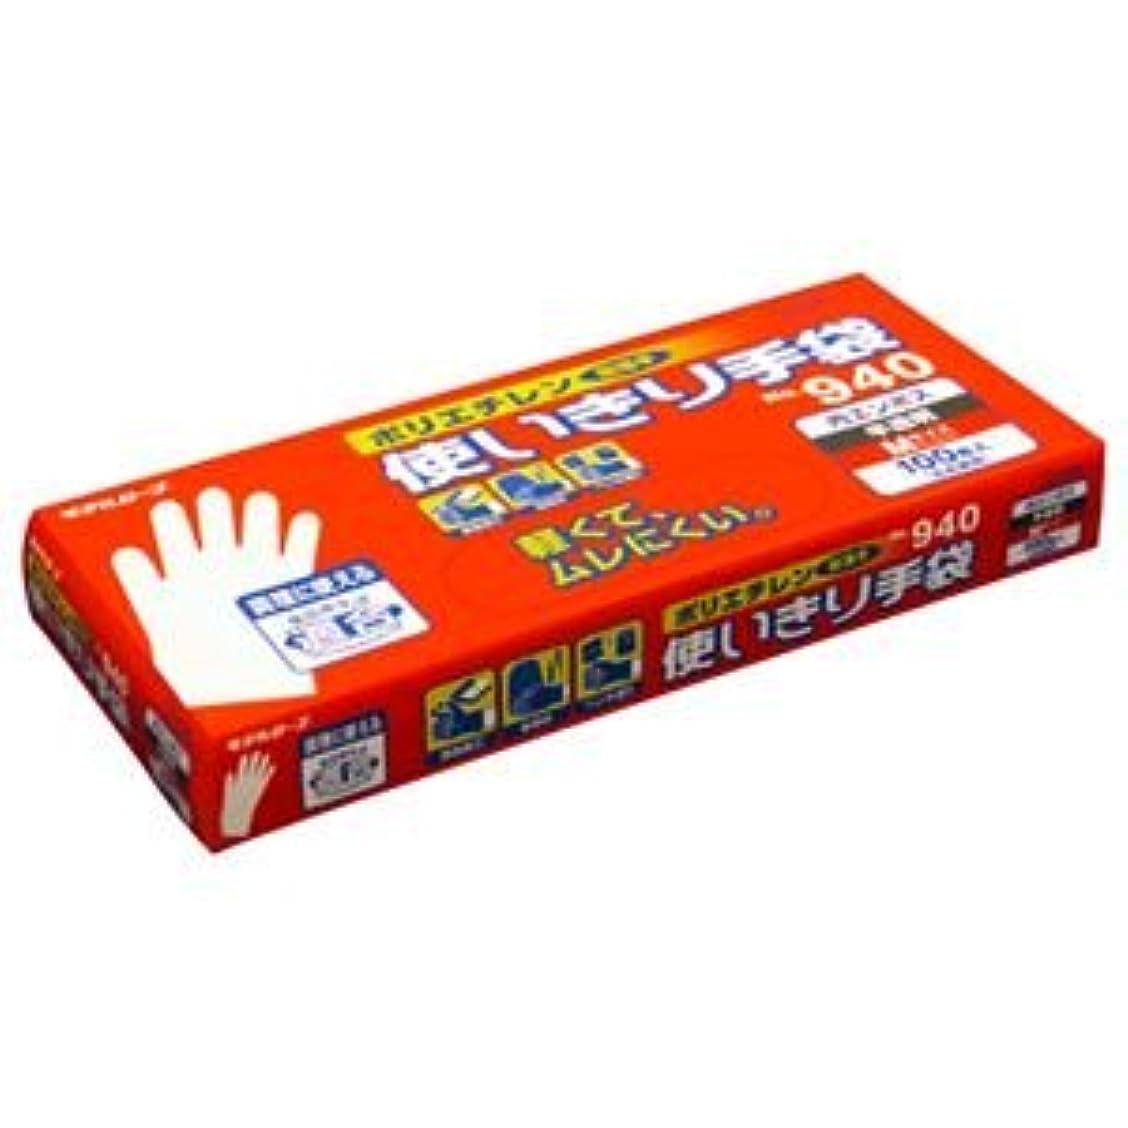 ブローホール首尾一貫した浸透する(まとめ) エステー No.940 ポリエチレン使いきり手袋(内エンボス) M 1箱(100枚) 【×10セット】 ds-1580600